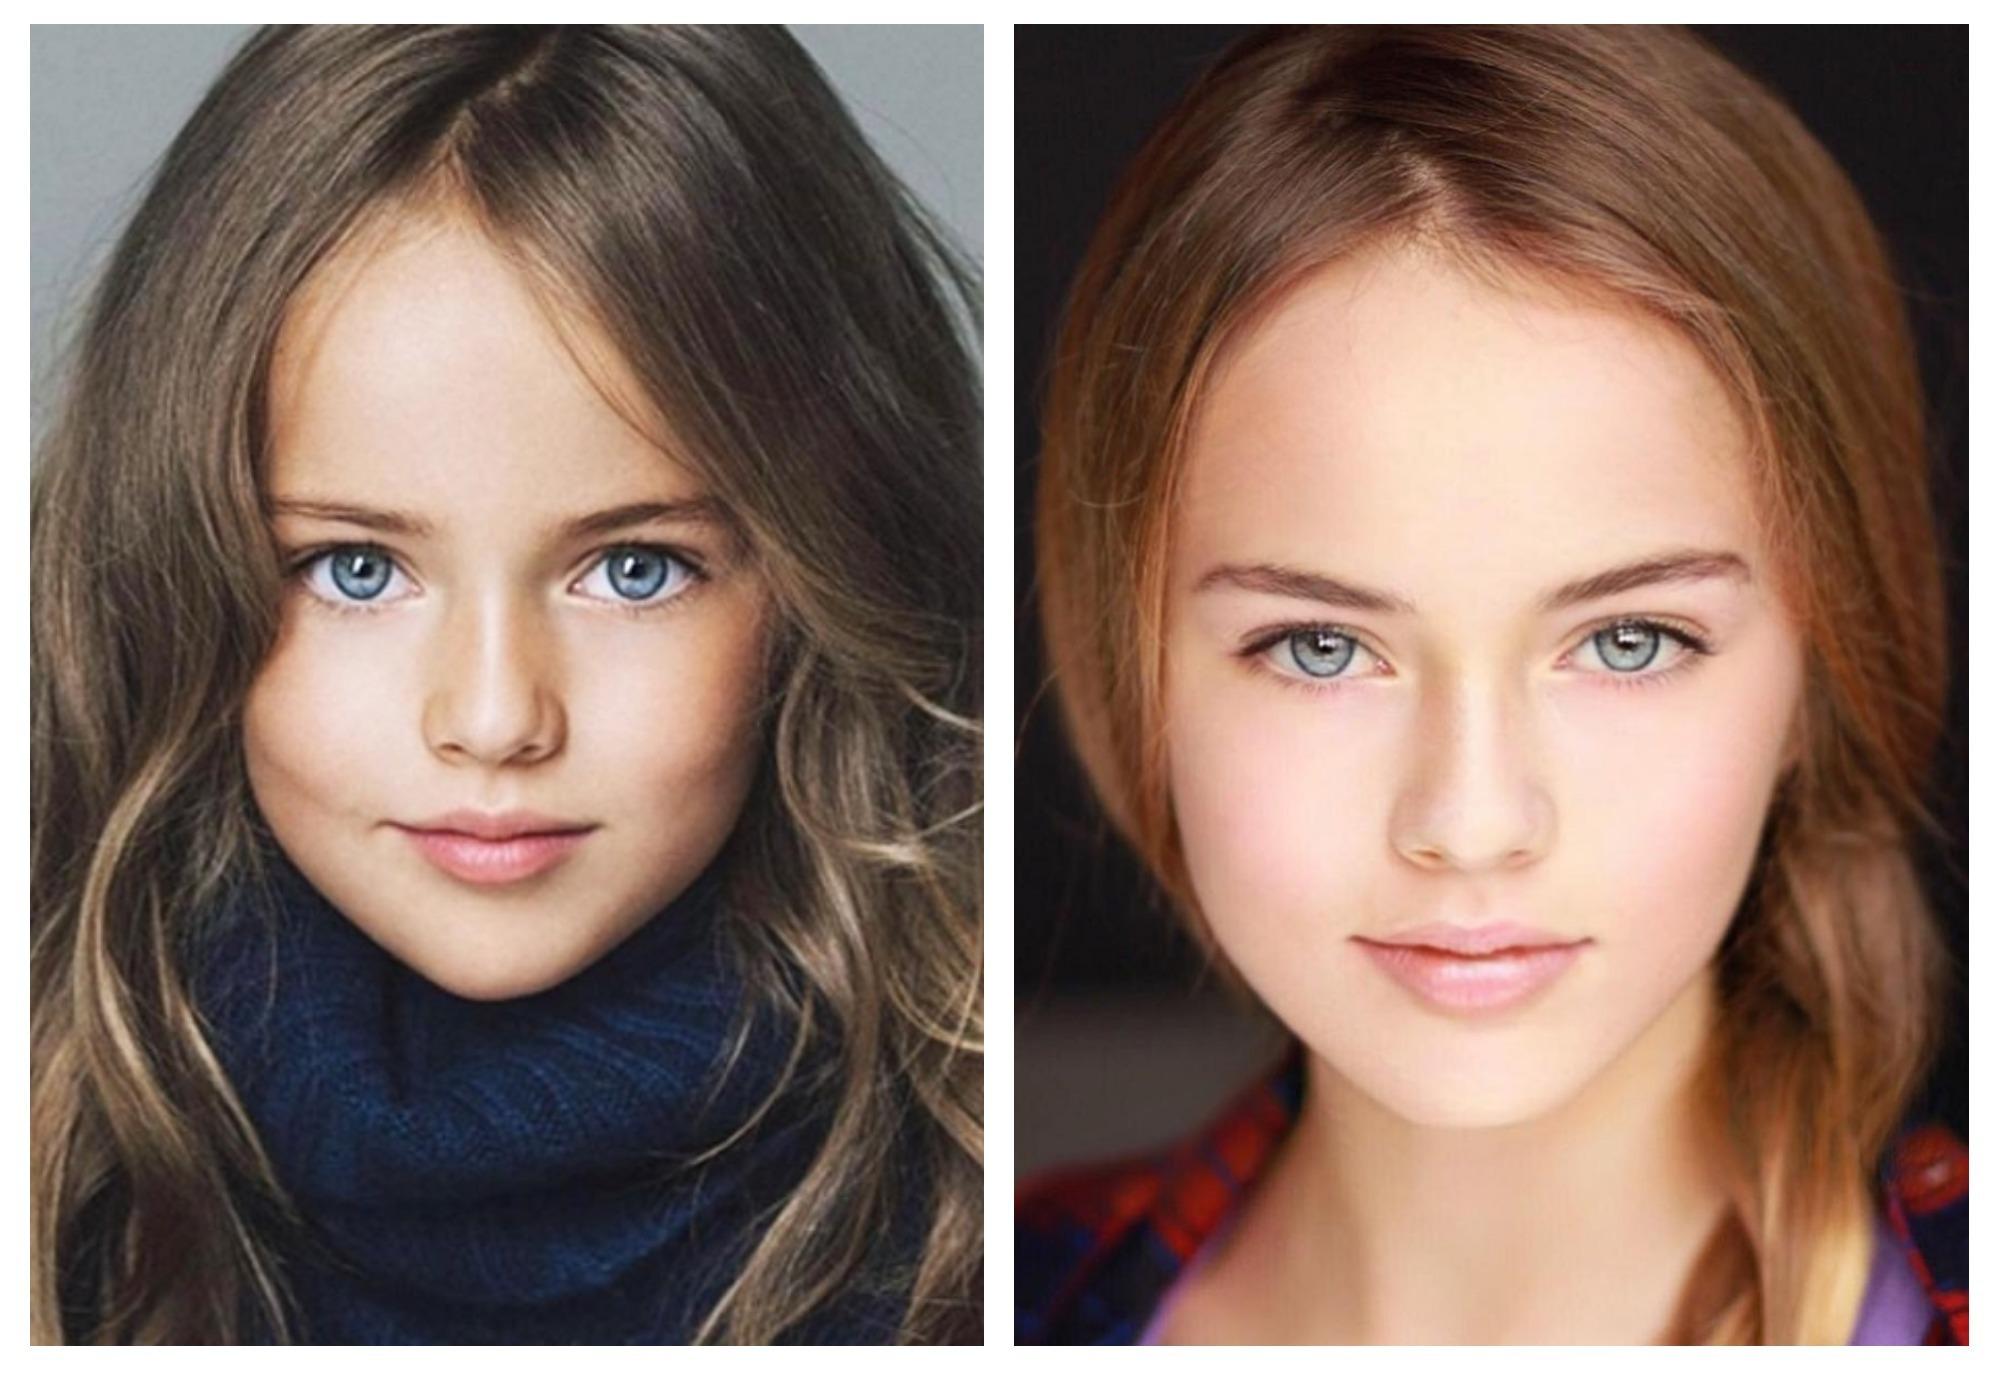 Как годы изменили 5 самых красивых девочек мира – ФОТО